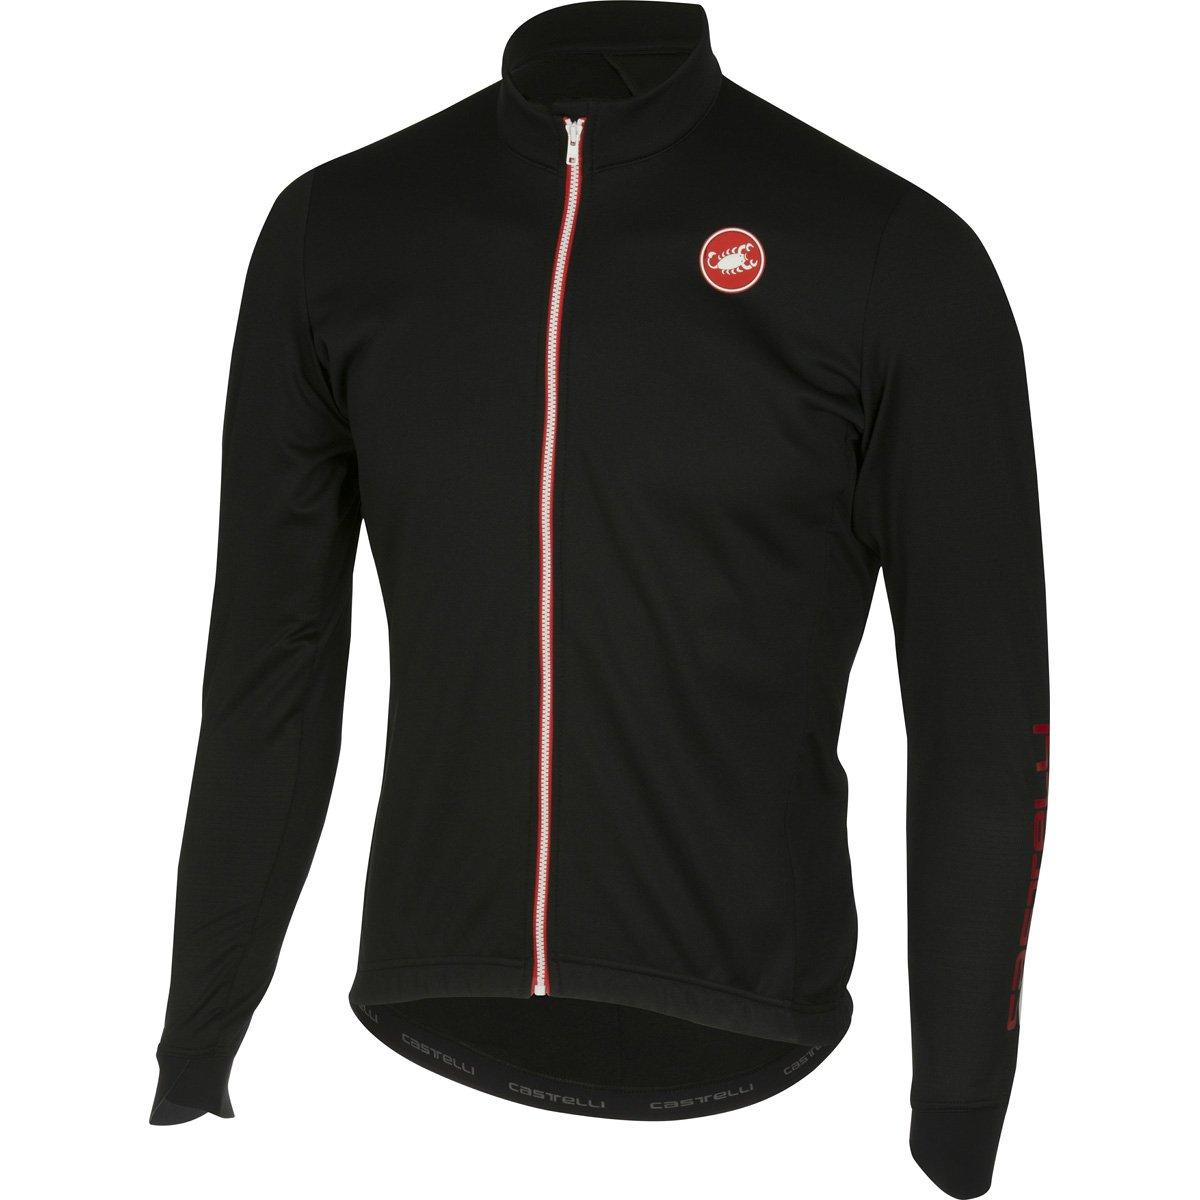 Castelli 2016 / 17メンズPuroフルZip長袖サイクリングジャージー – a16516 B01KWJ1T9O Large|ブラック ブラック Large